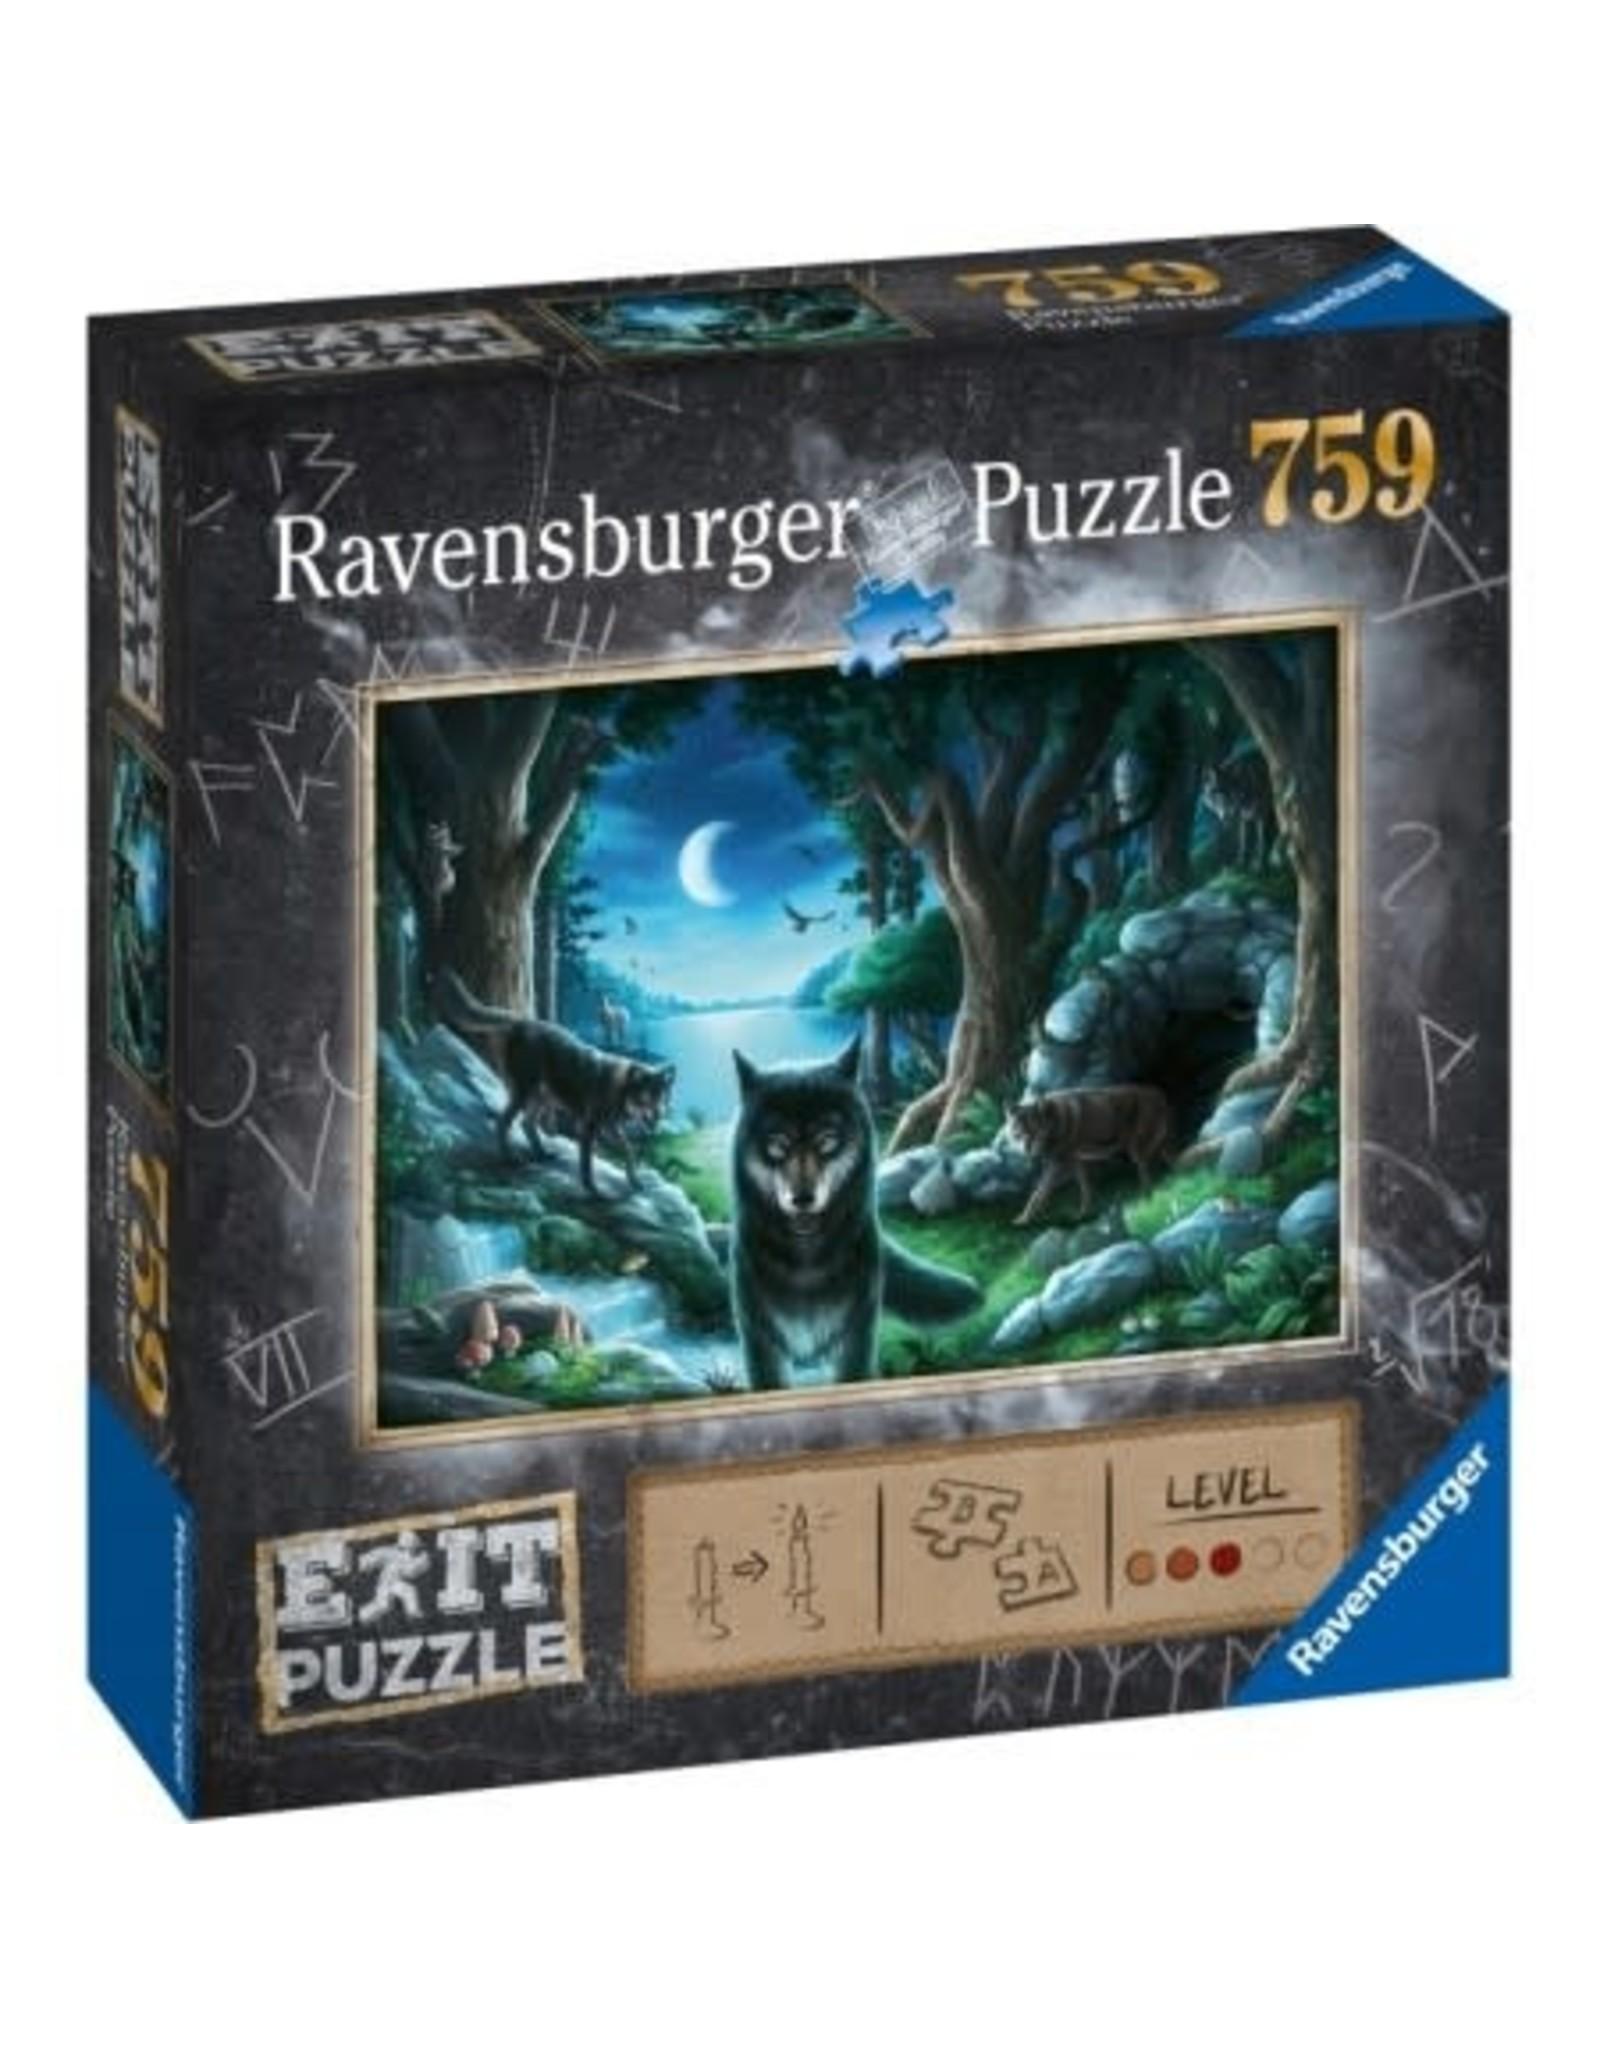 Ravensburger ESCAPE Puzzle 759P - 01 The Curse of The Wolves